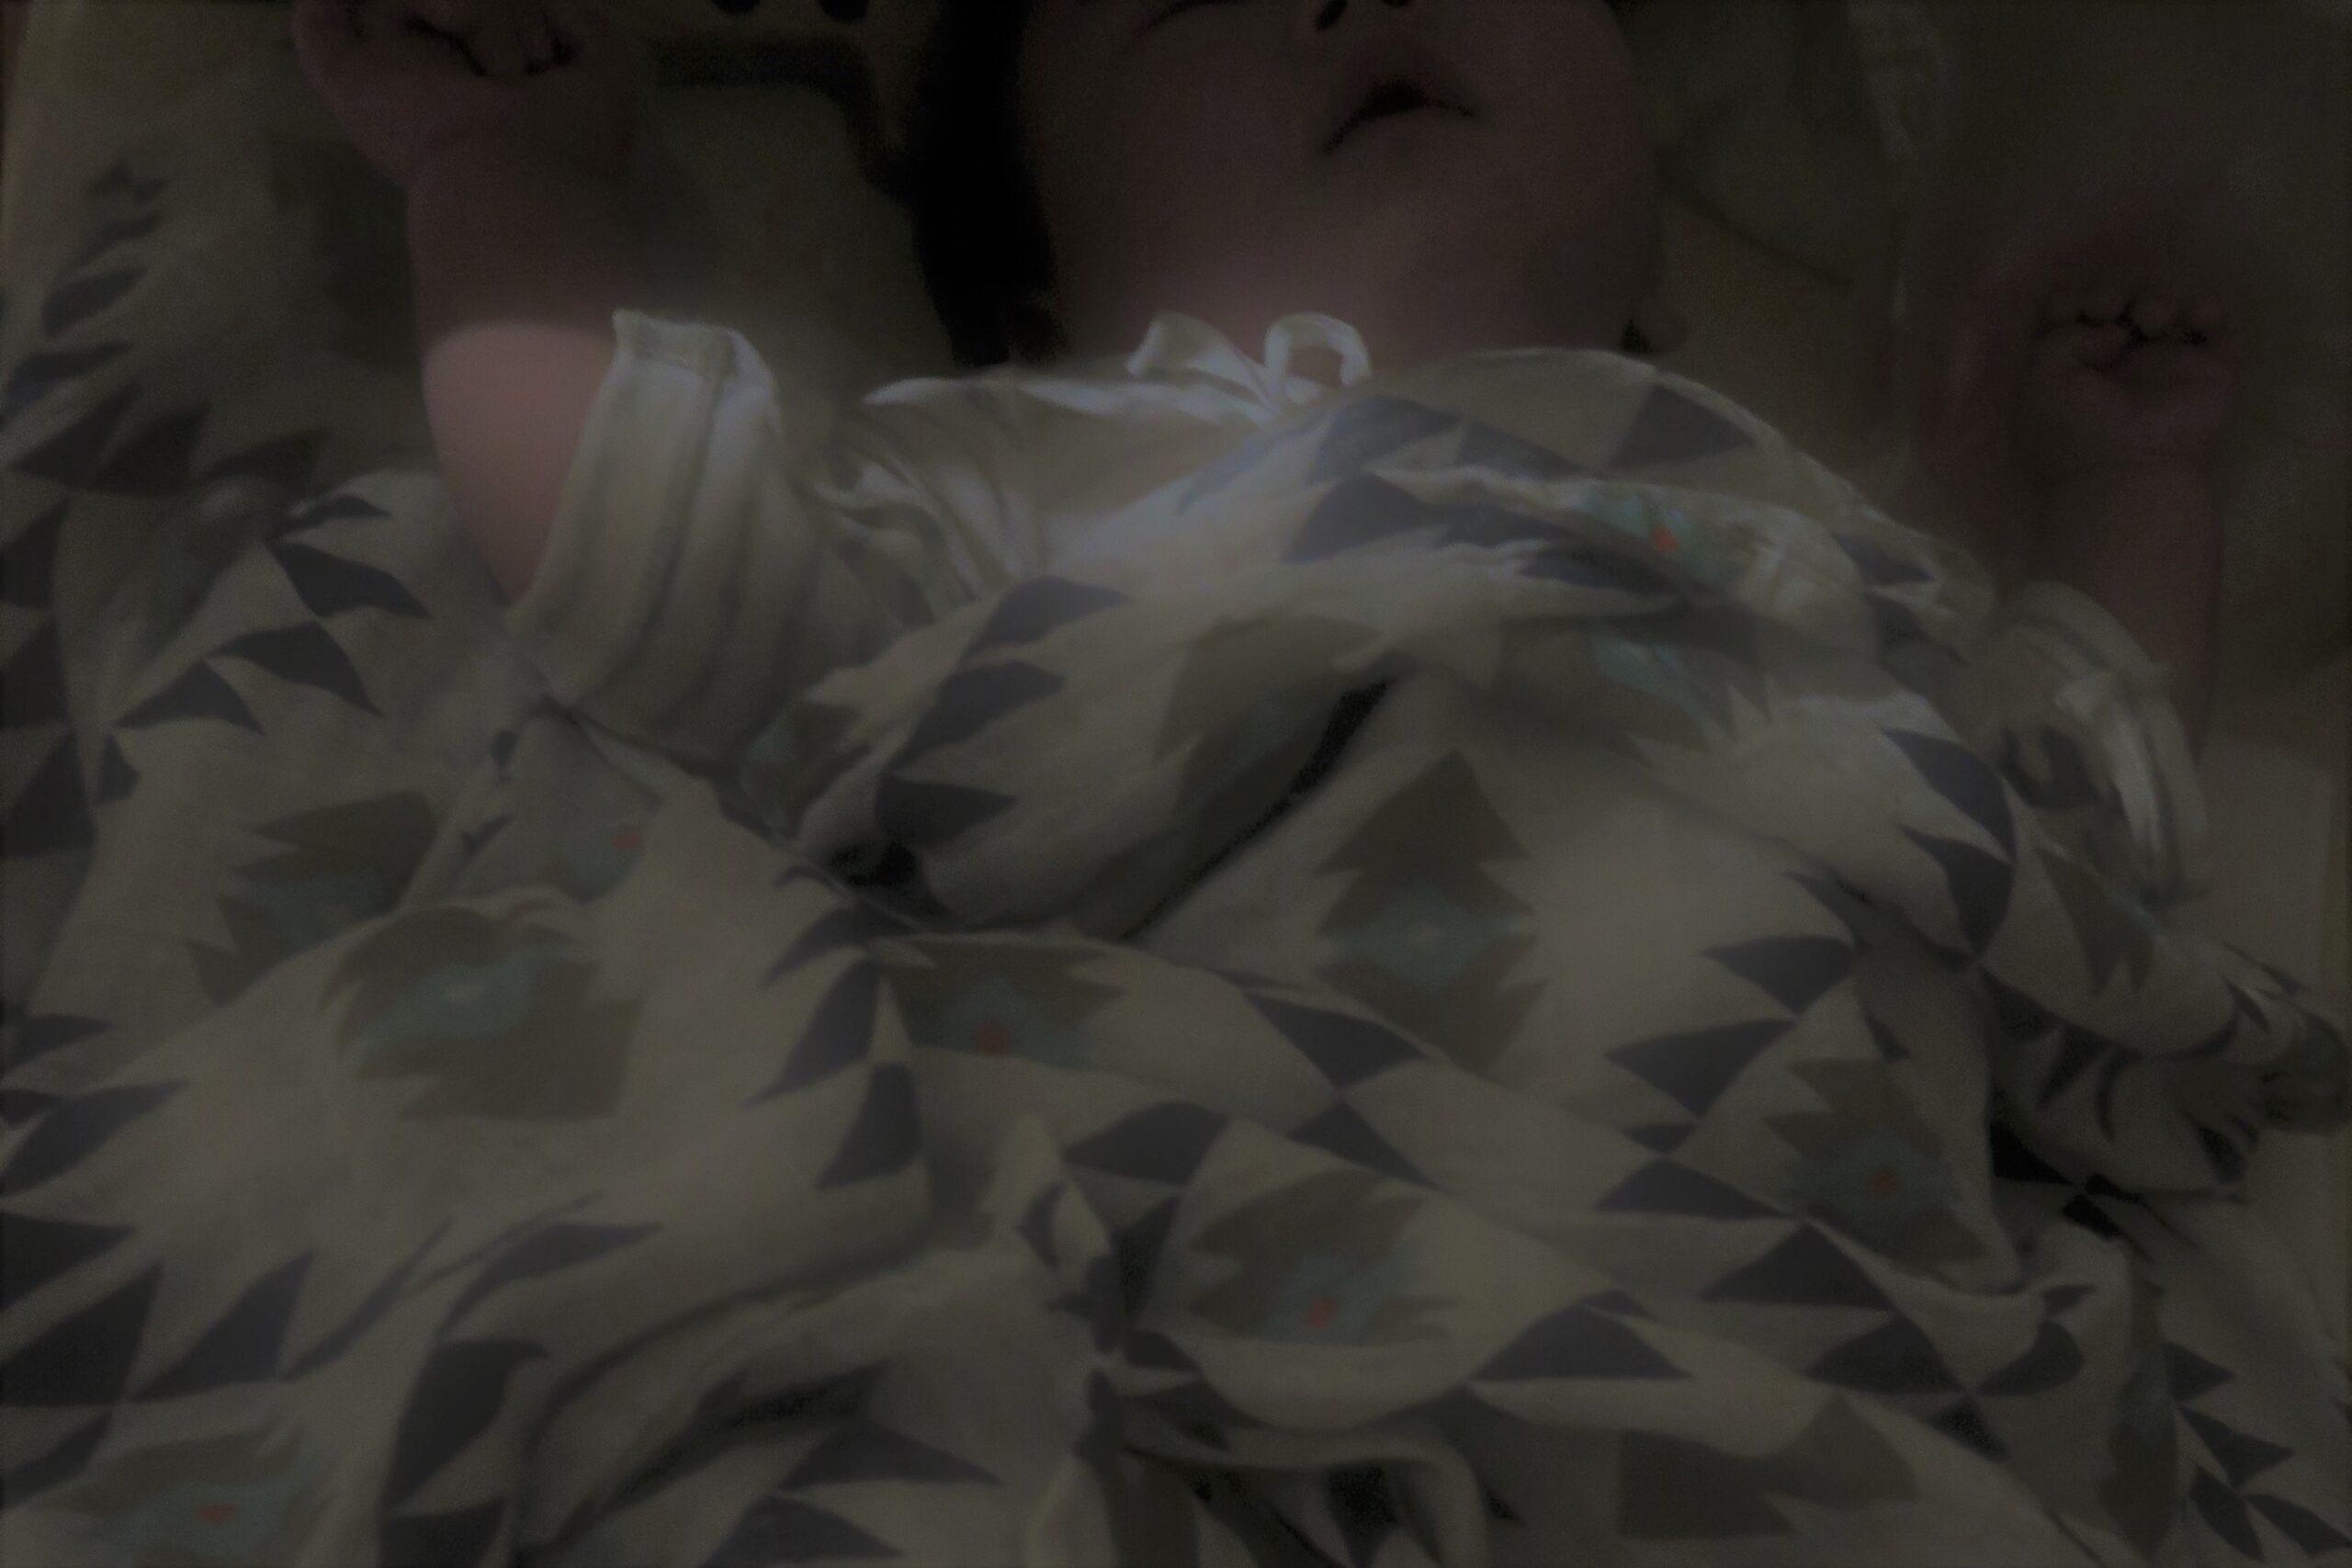 皆どうしてるの?夜 赤ちゃんの寝る場所☆ ベビーベッド+暗幕で空間を共有しながら安眠を☆☆